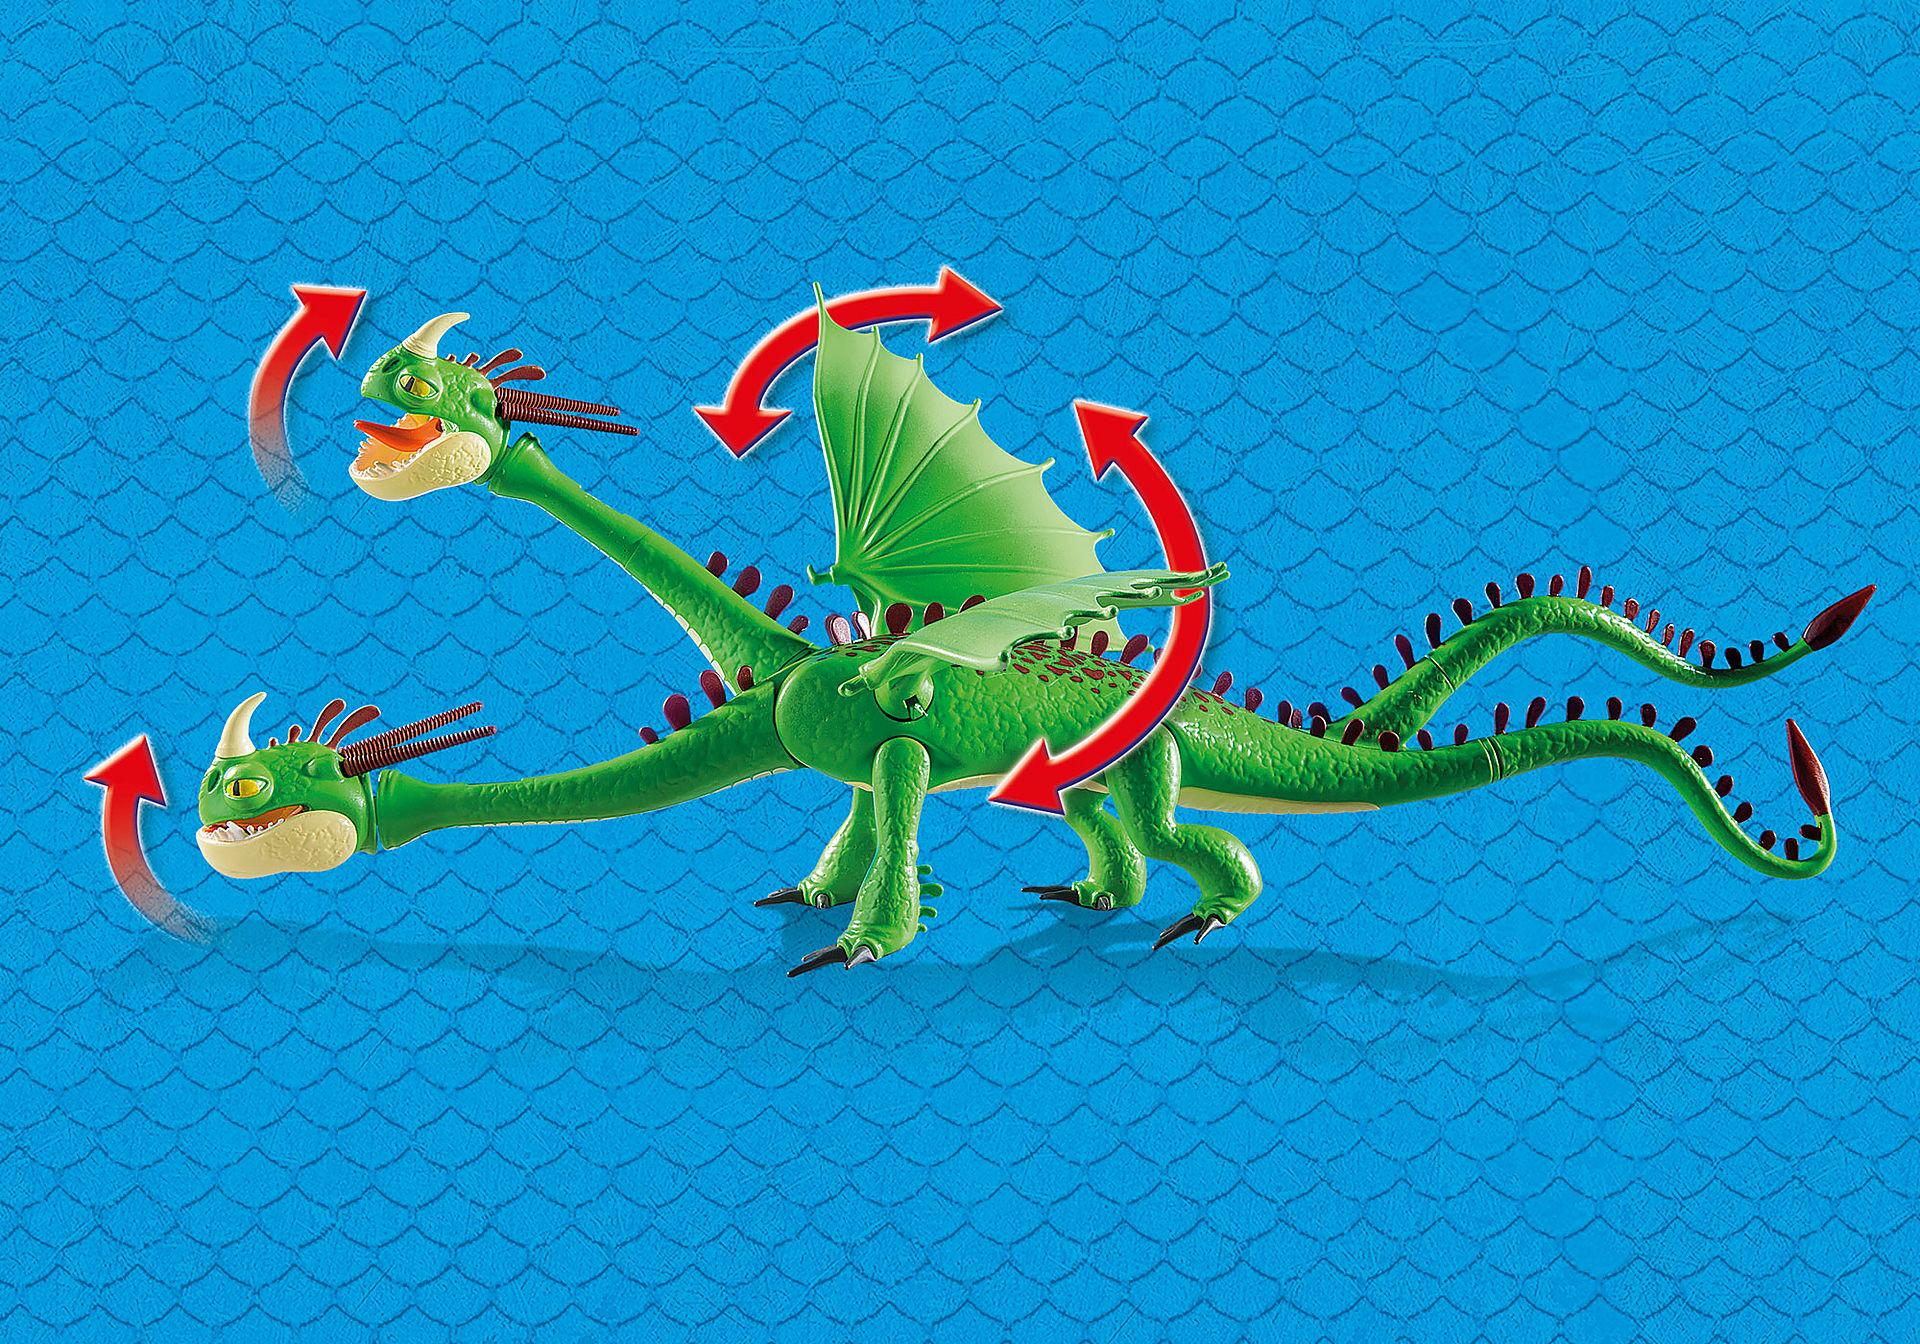 9458 Dragón 2 Cabezas con Chusco y Brusca zoom image5